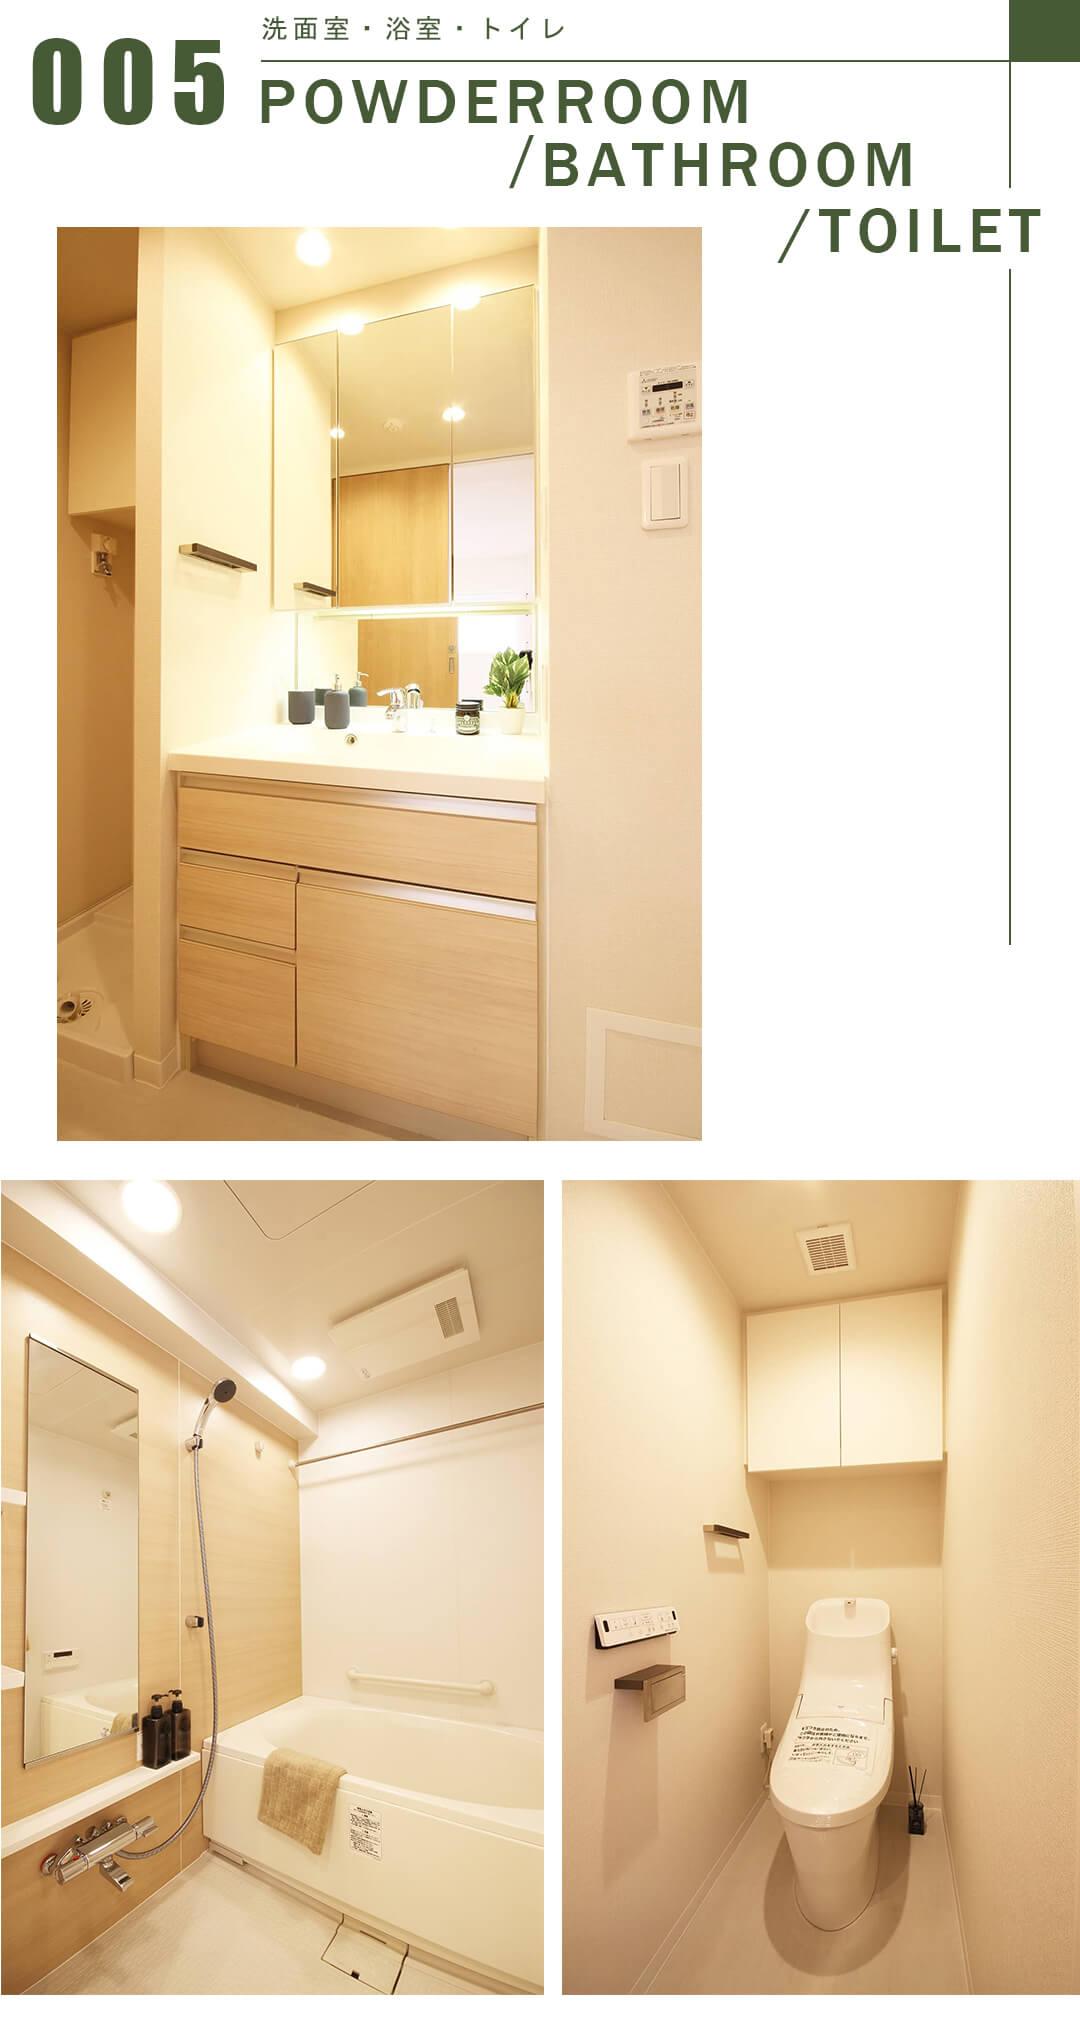 シーフォルム西新宿五丁目の洗面室と浴室とトイレ